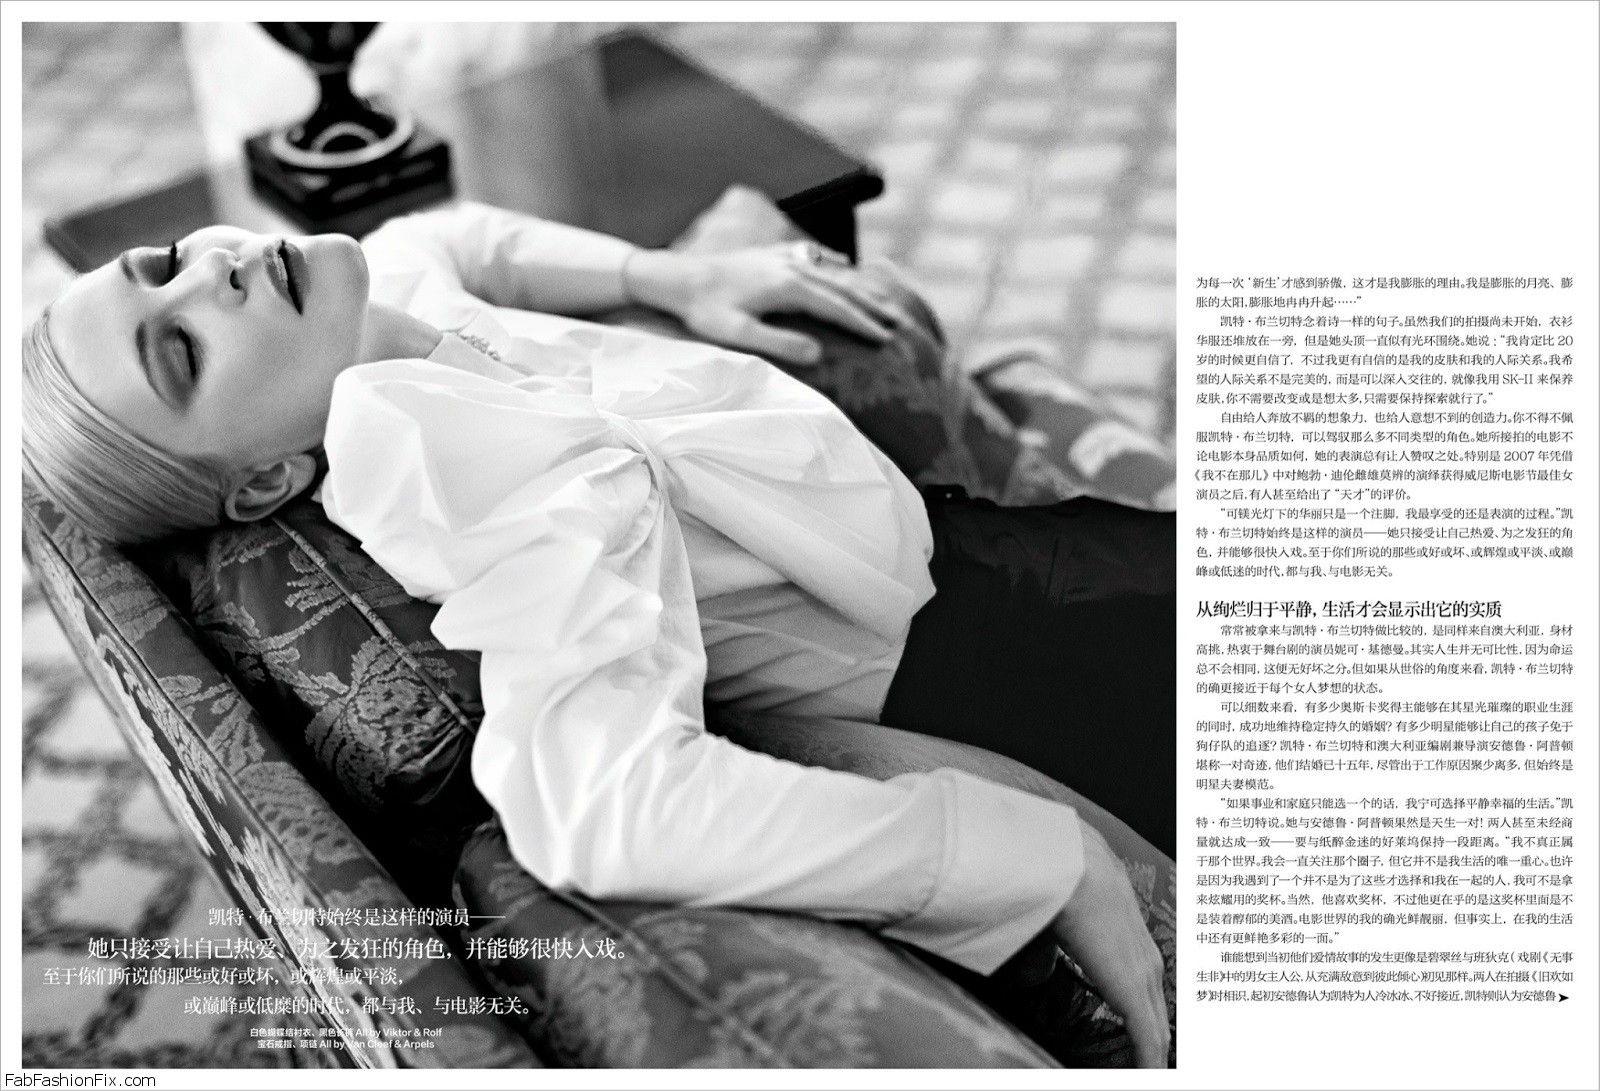 hb_china_11-13_008